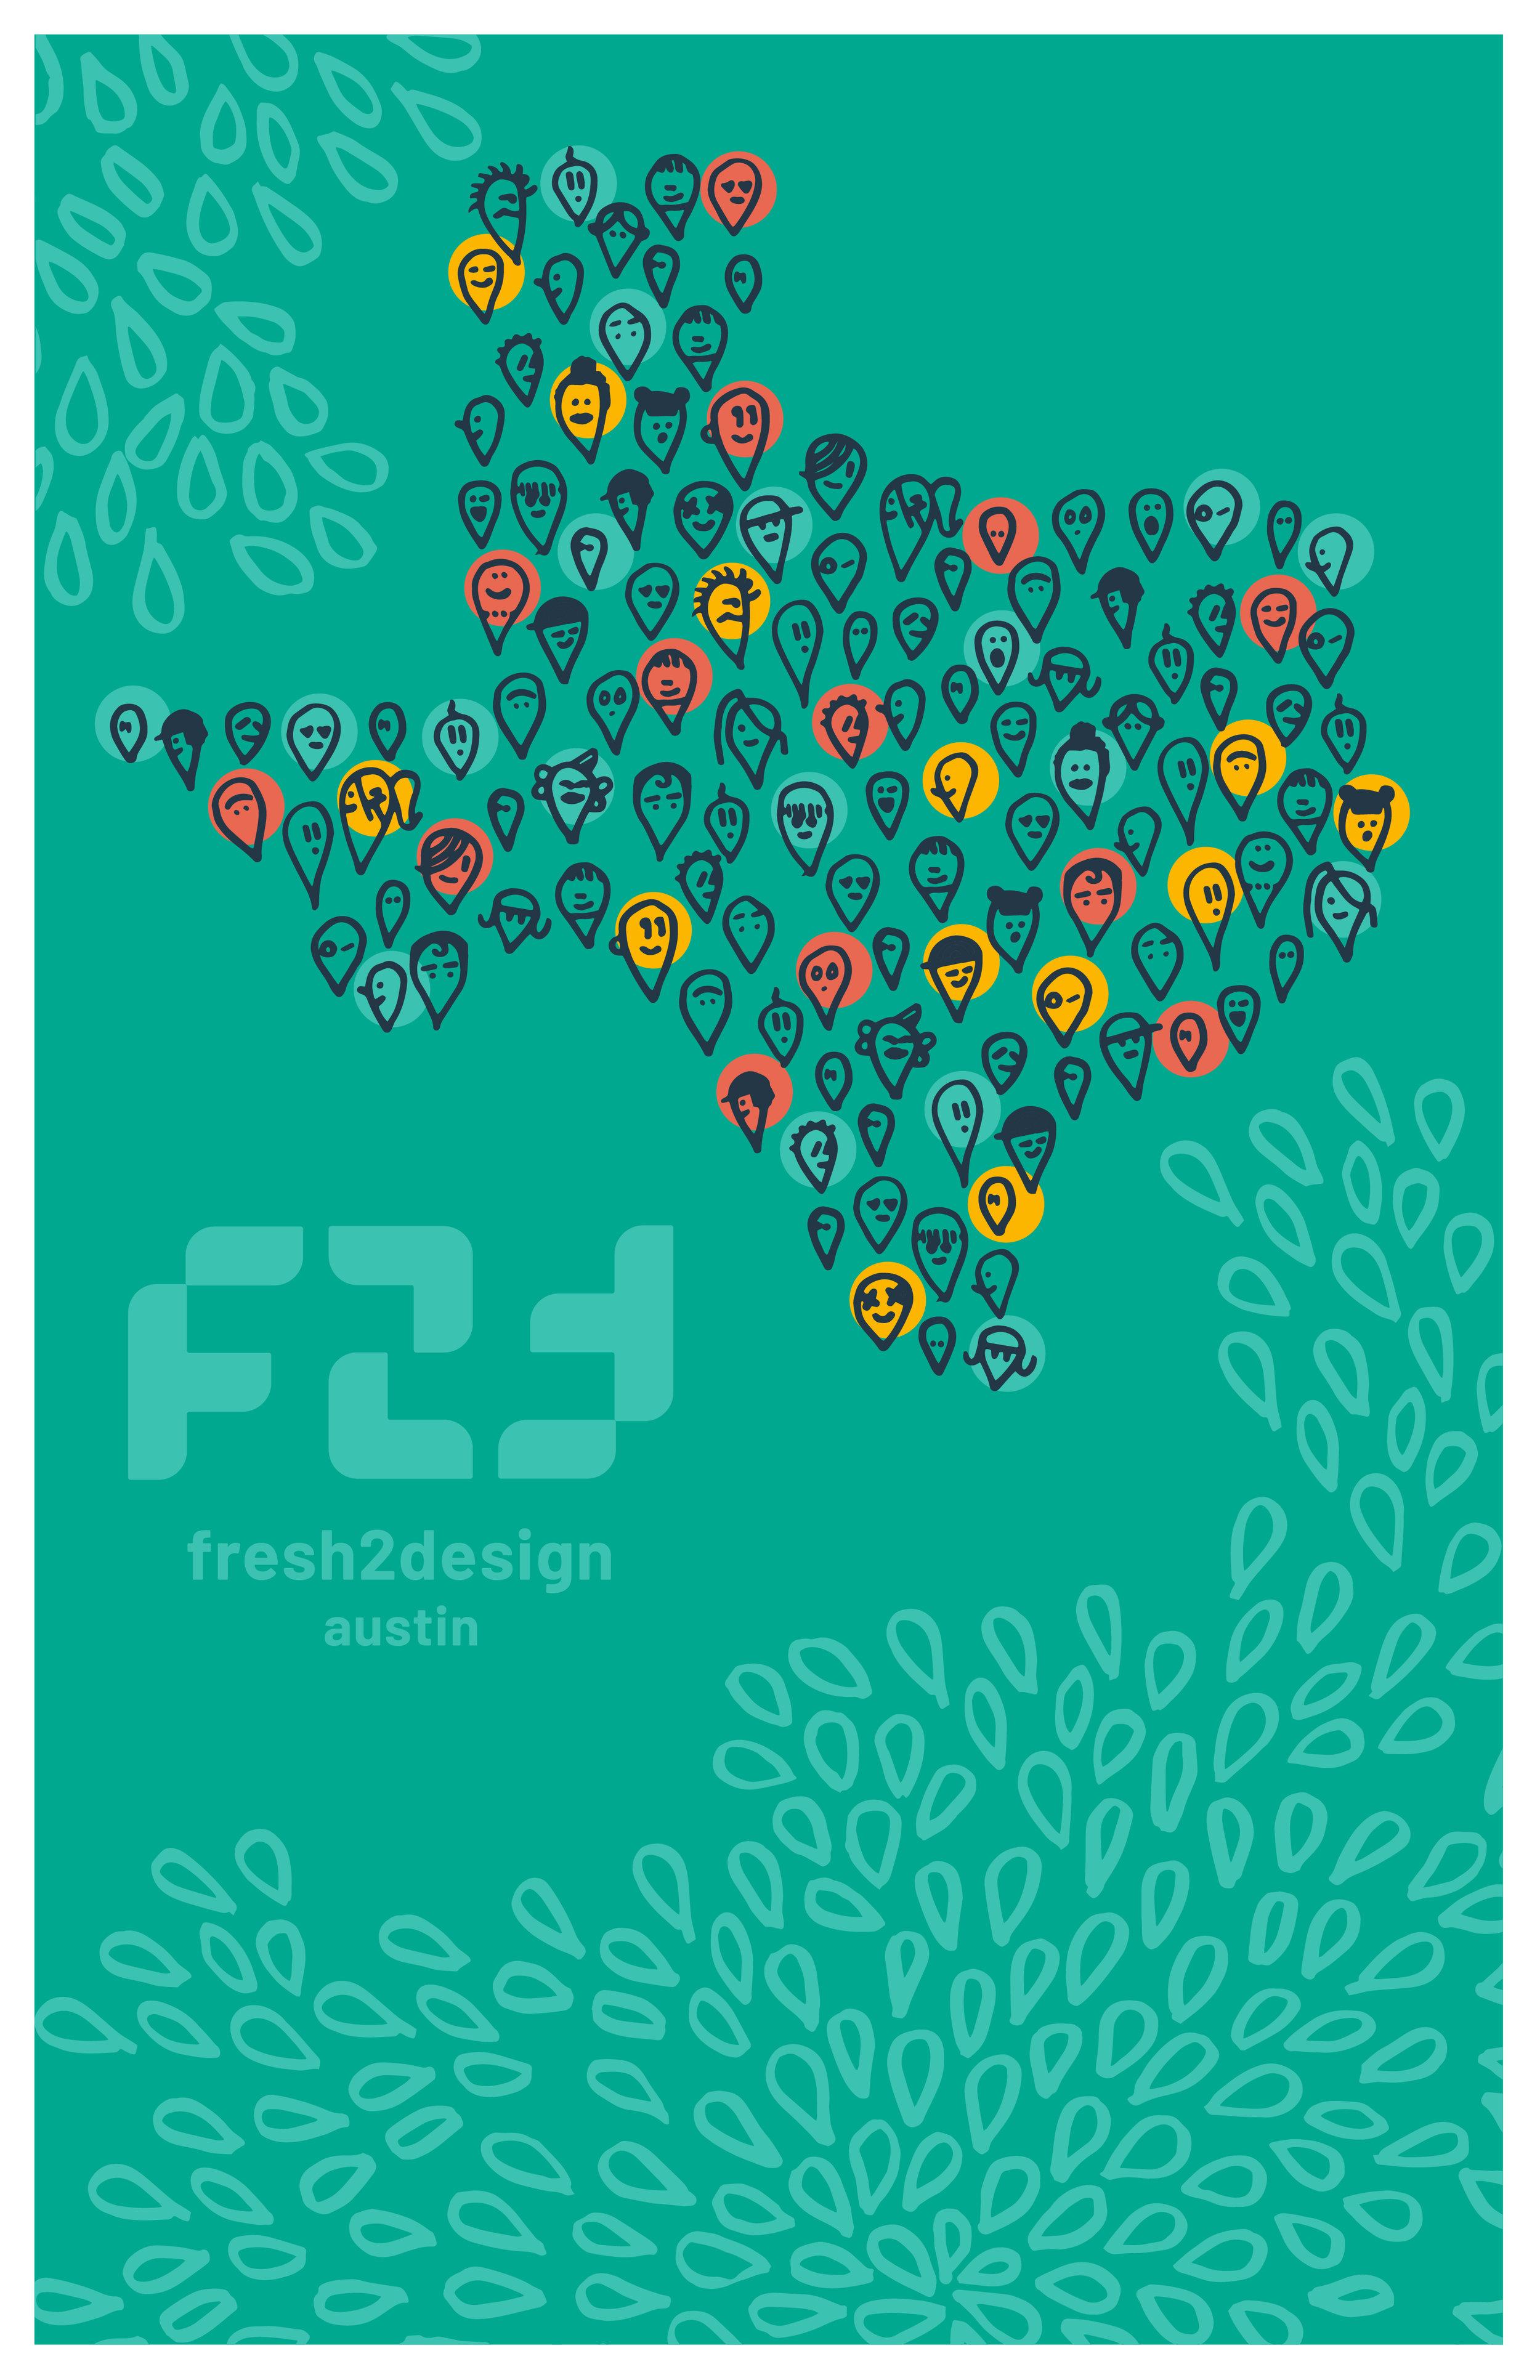 poster_1-01.jpg